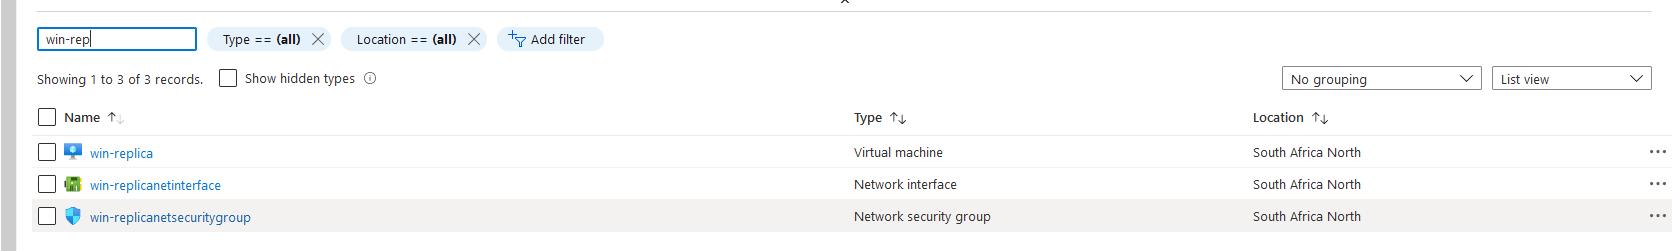 Azure VM objects